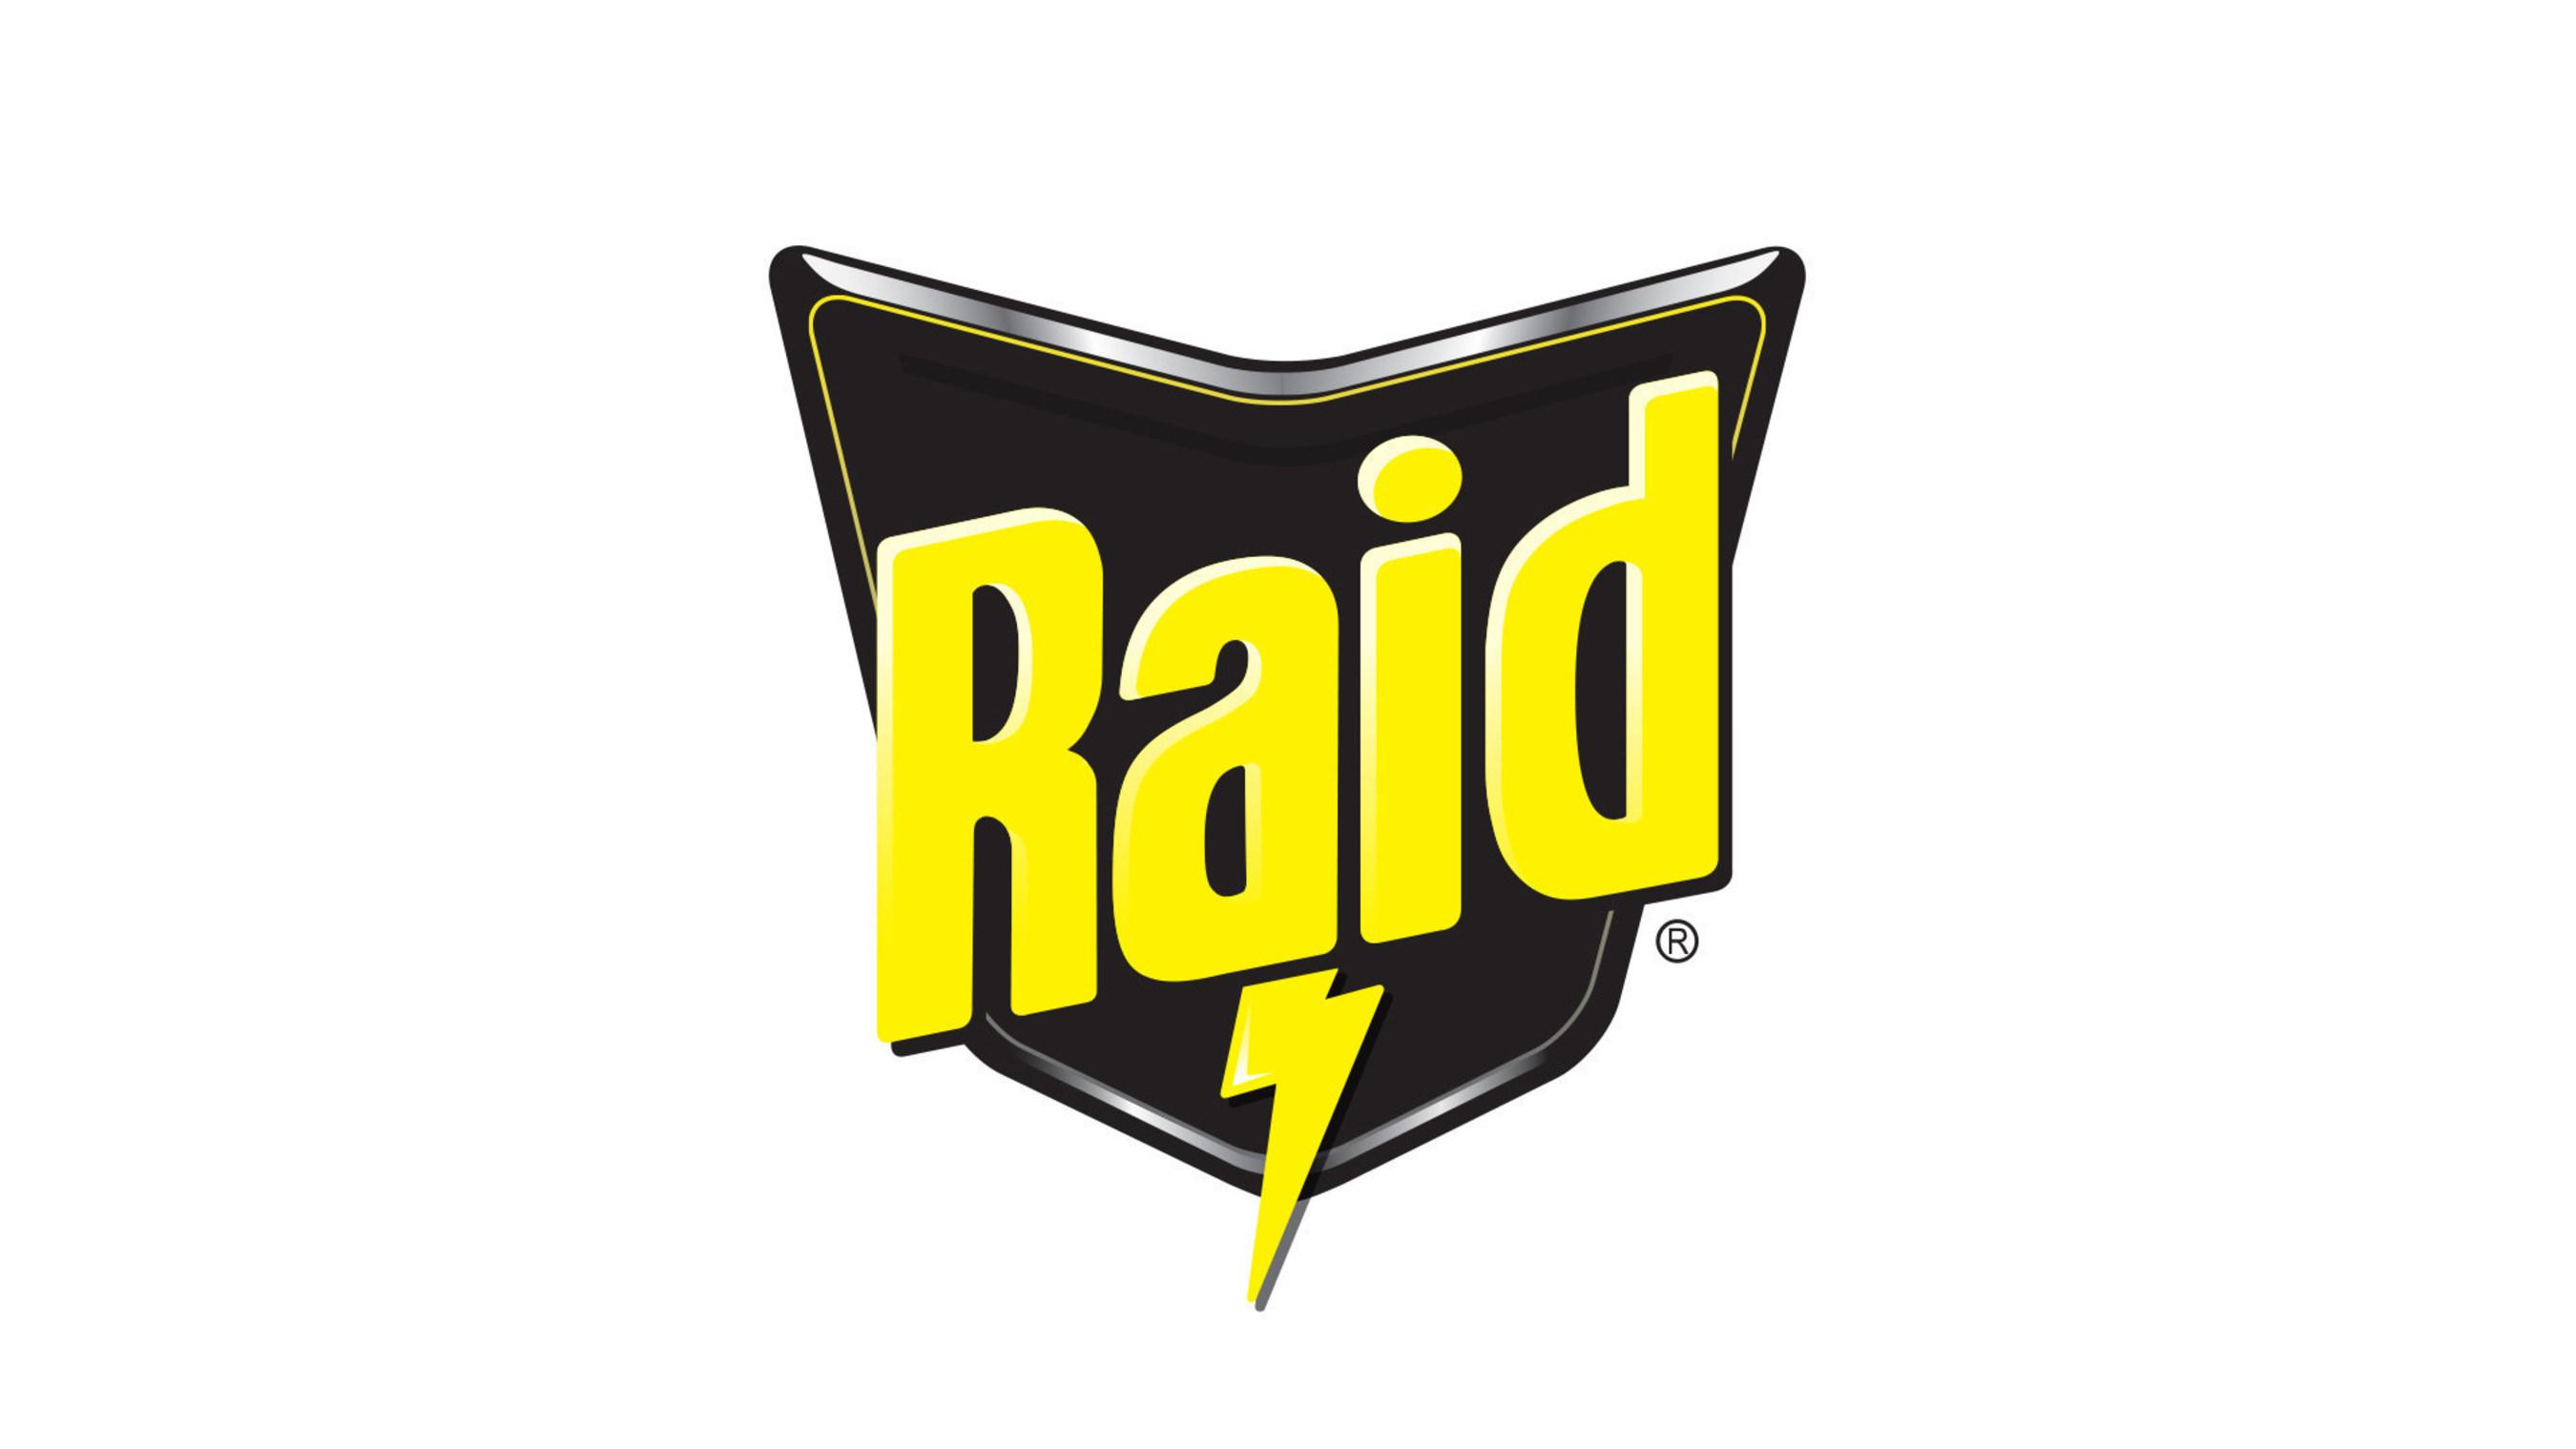 Johnson Raid